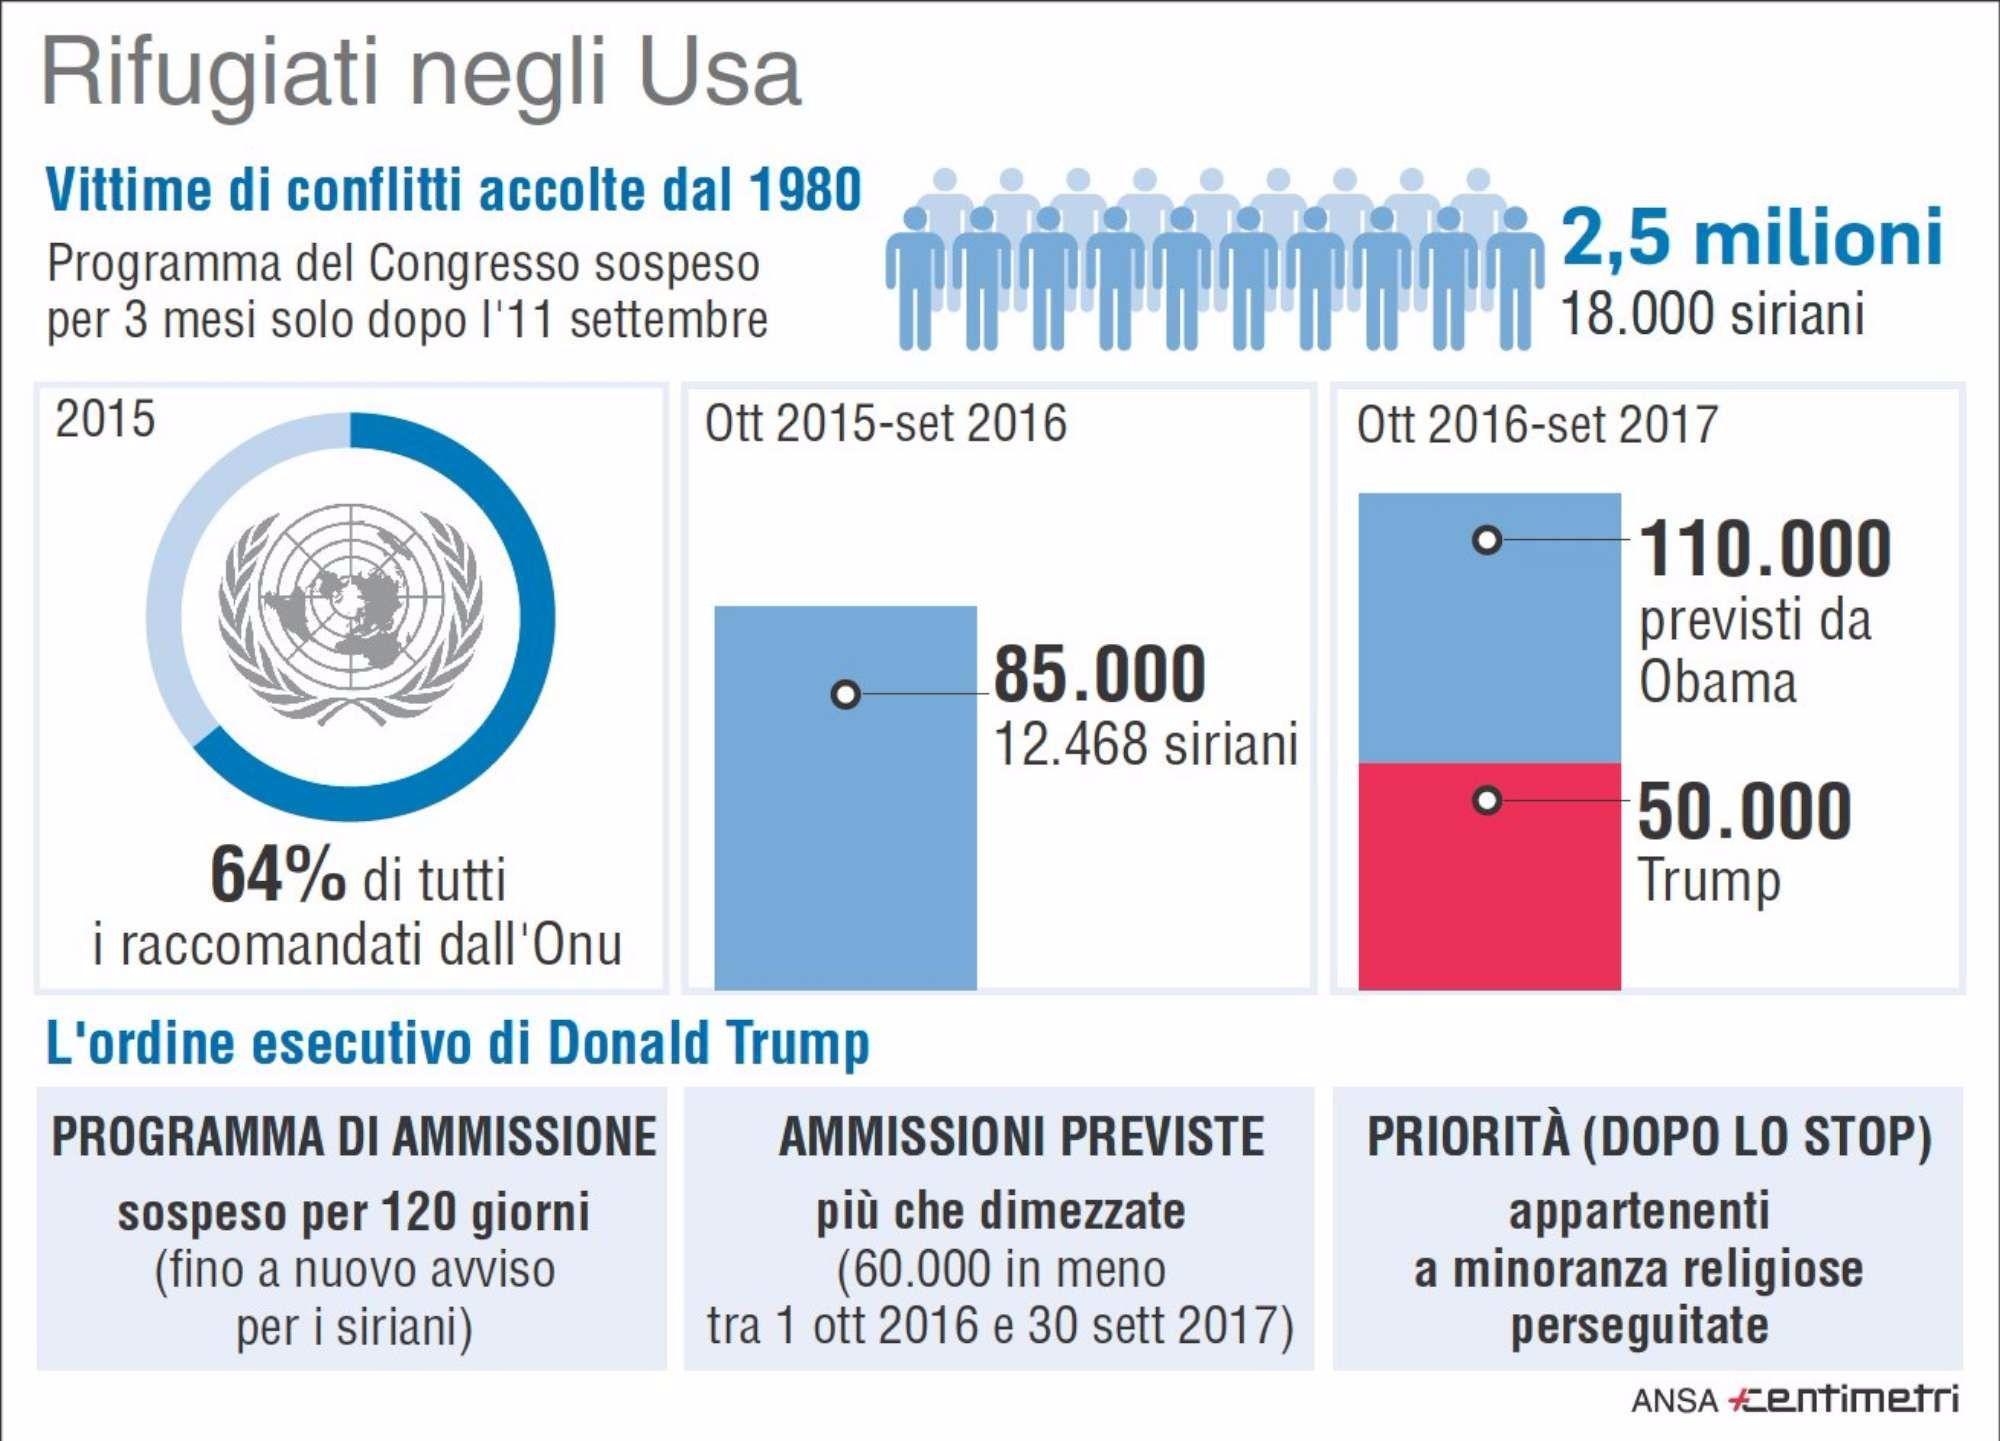 Rifugiati accolti negli Usa, tutti i numeri dal 1980